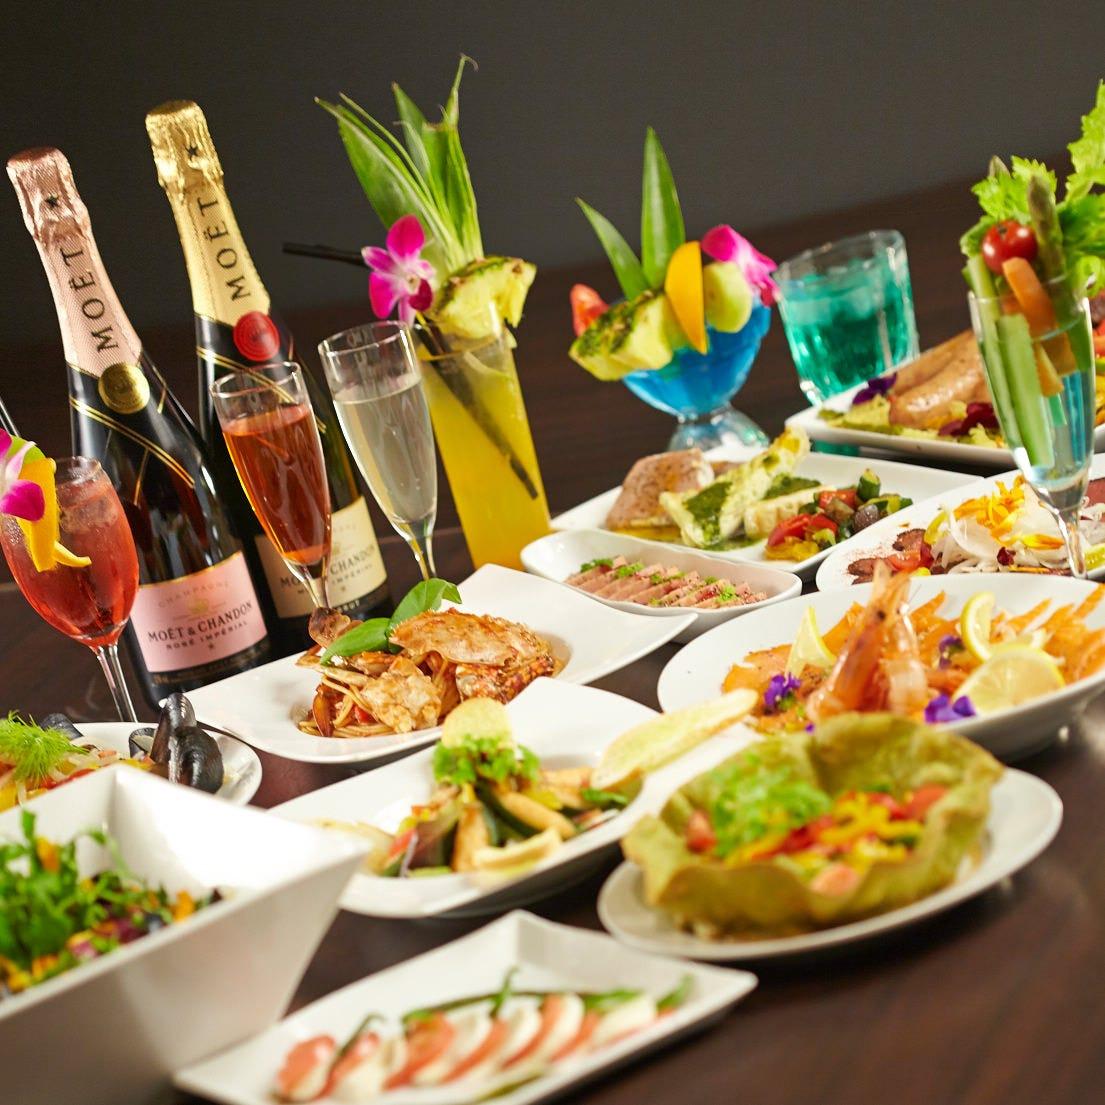 【貸切or個室】飲み放題2時間+お料理9品★カジュアルパーティーコース2480円